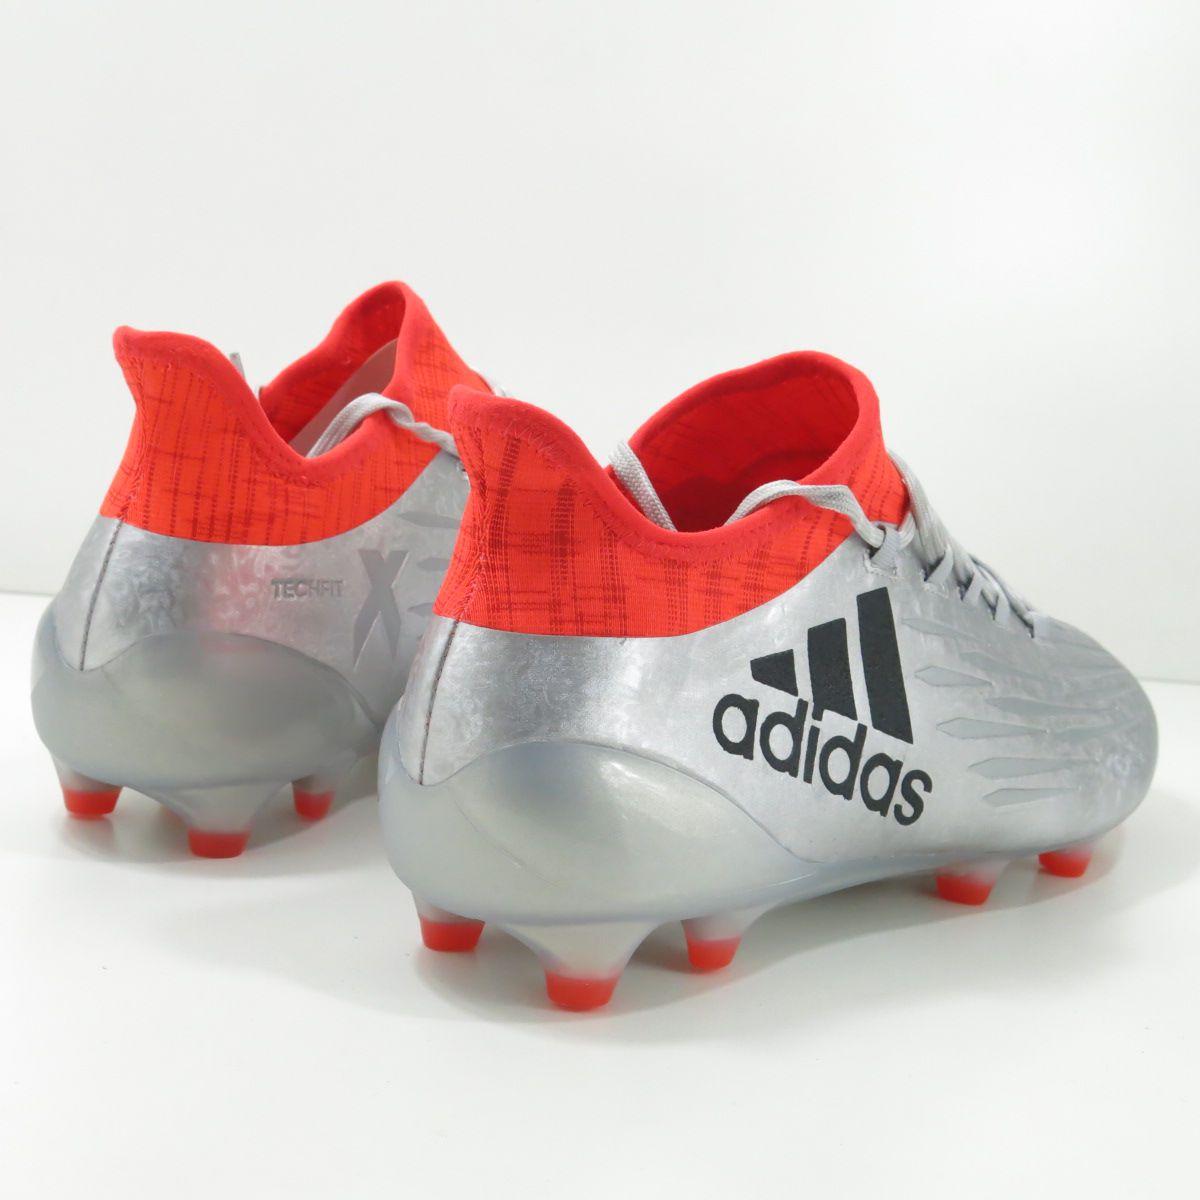 Chuteira Adidas X 16.1 FG Elite